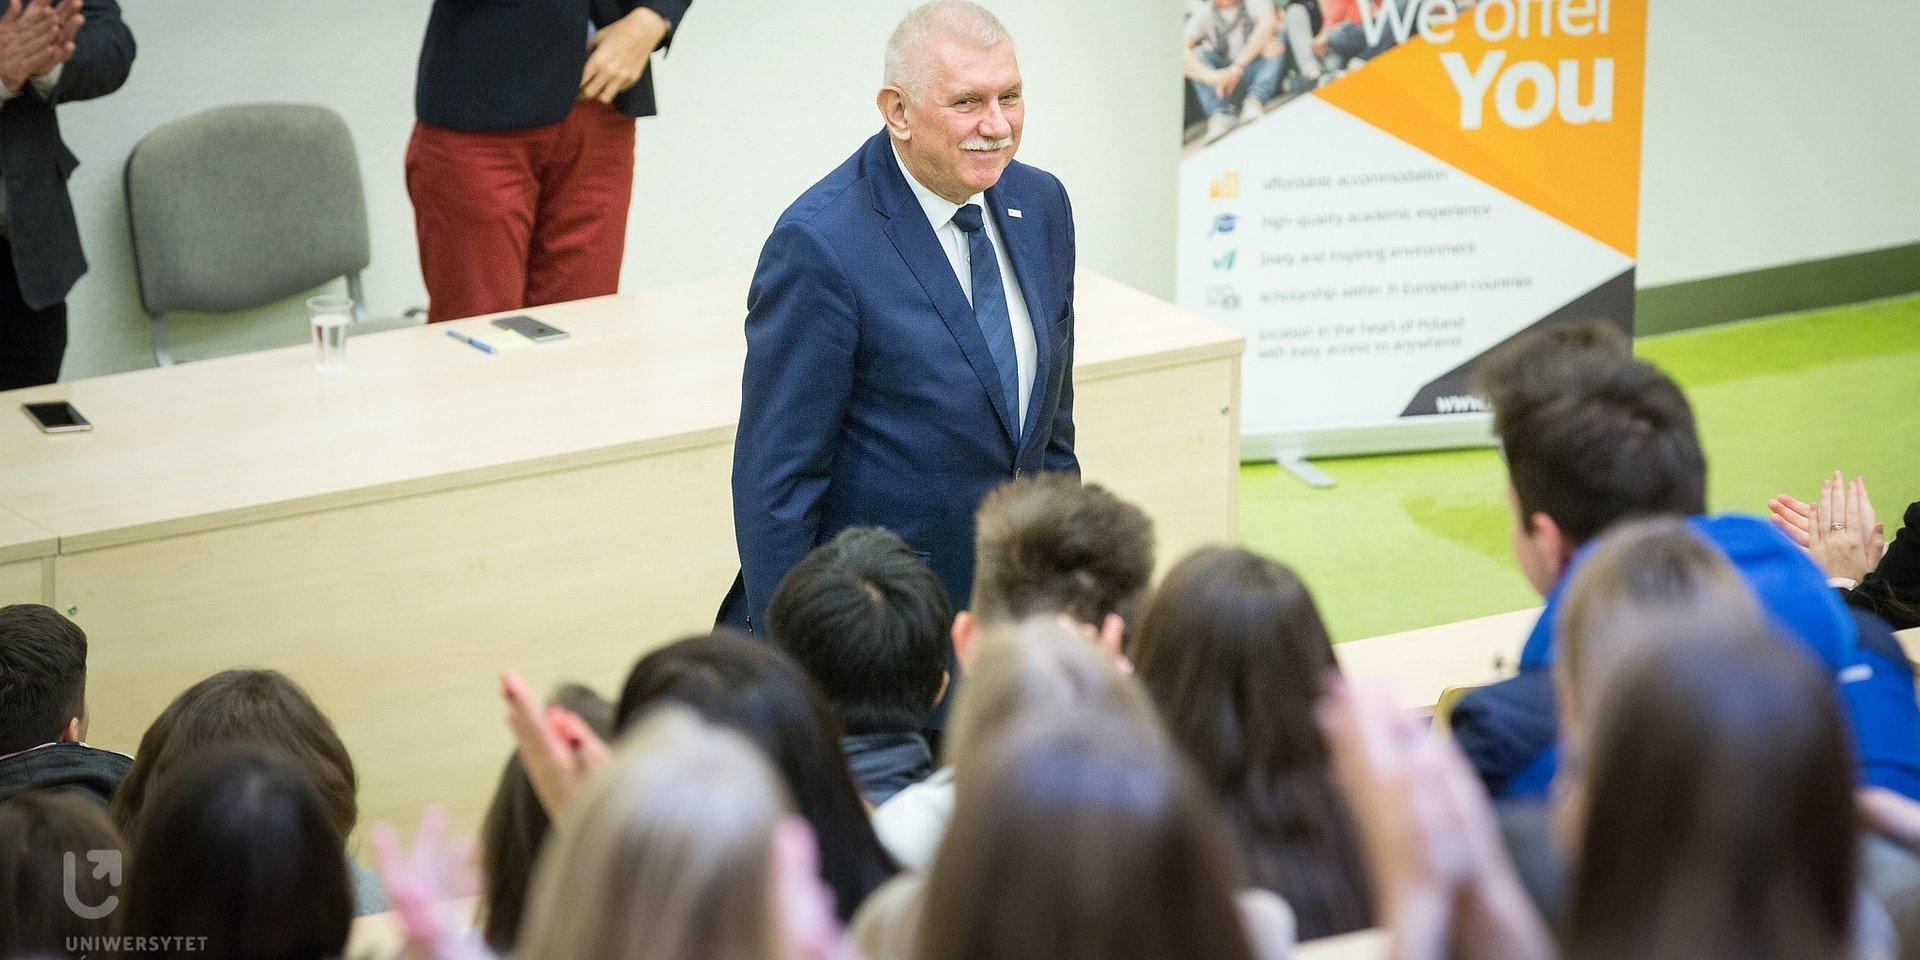 Oświadczenie Rektora UŁ w sprawie osób LGBT+ [ENG VER. INCLUDED]